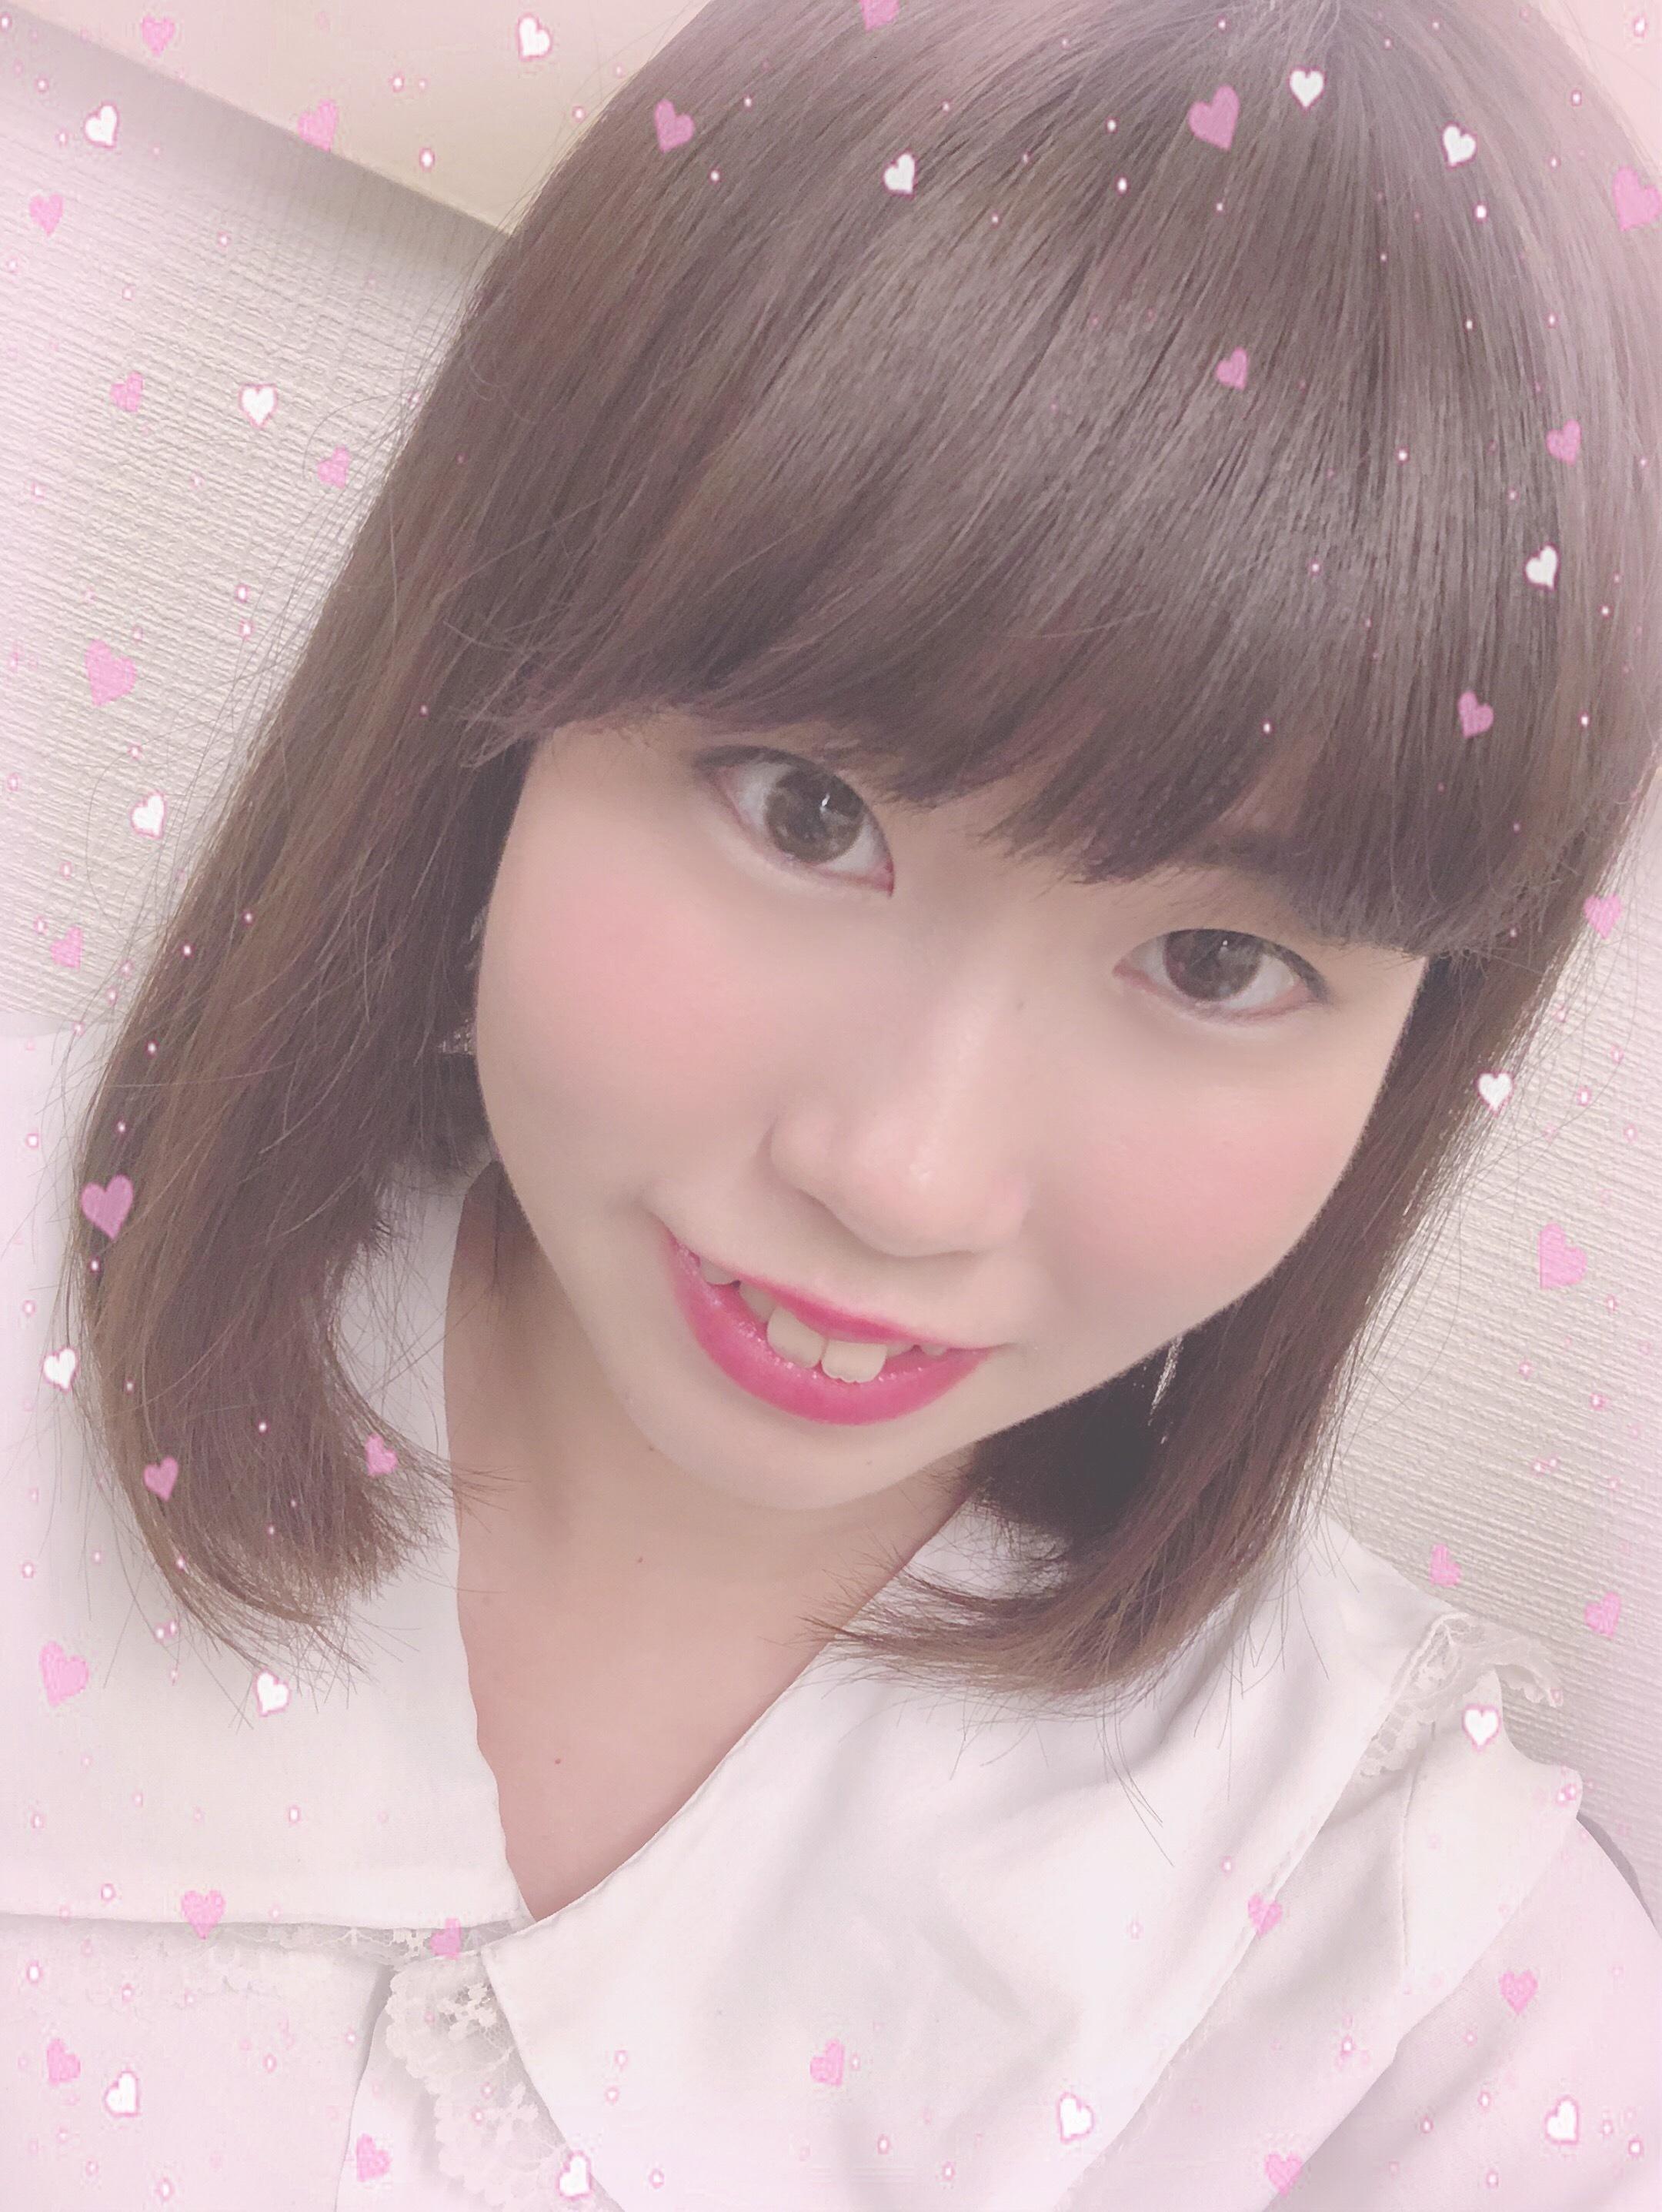 「おはよ????」10/20(10/20) 09:29 | ゆらりの写メ・風俗動画